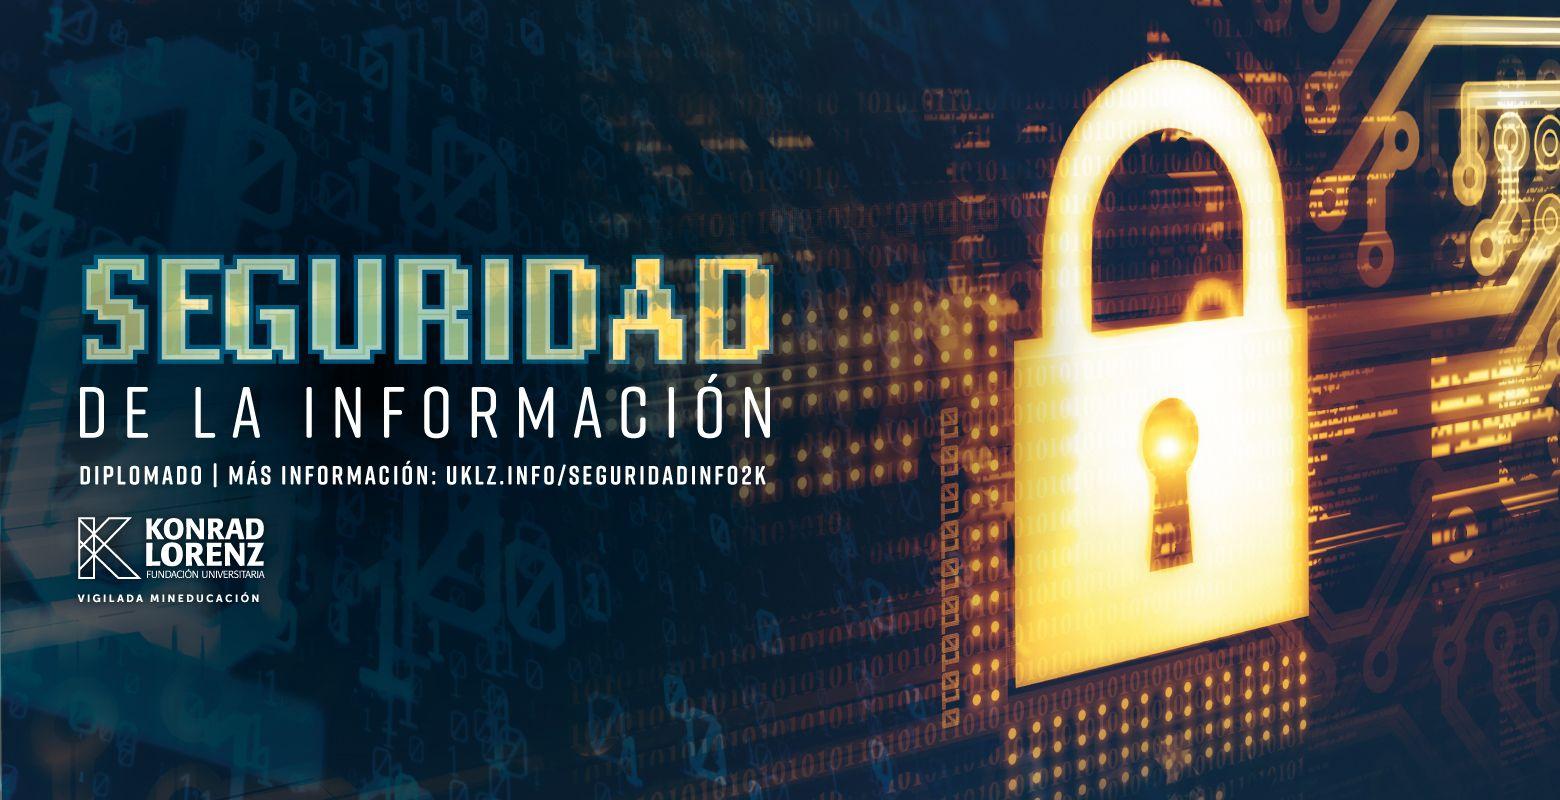 Diplomado en Seguridad de la Información